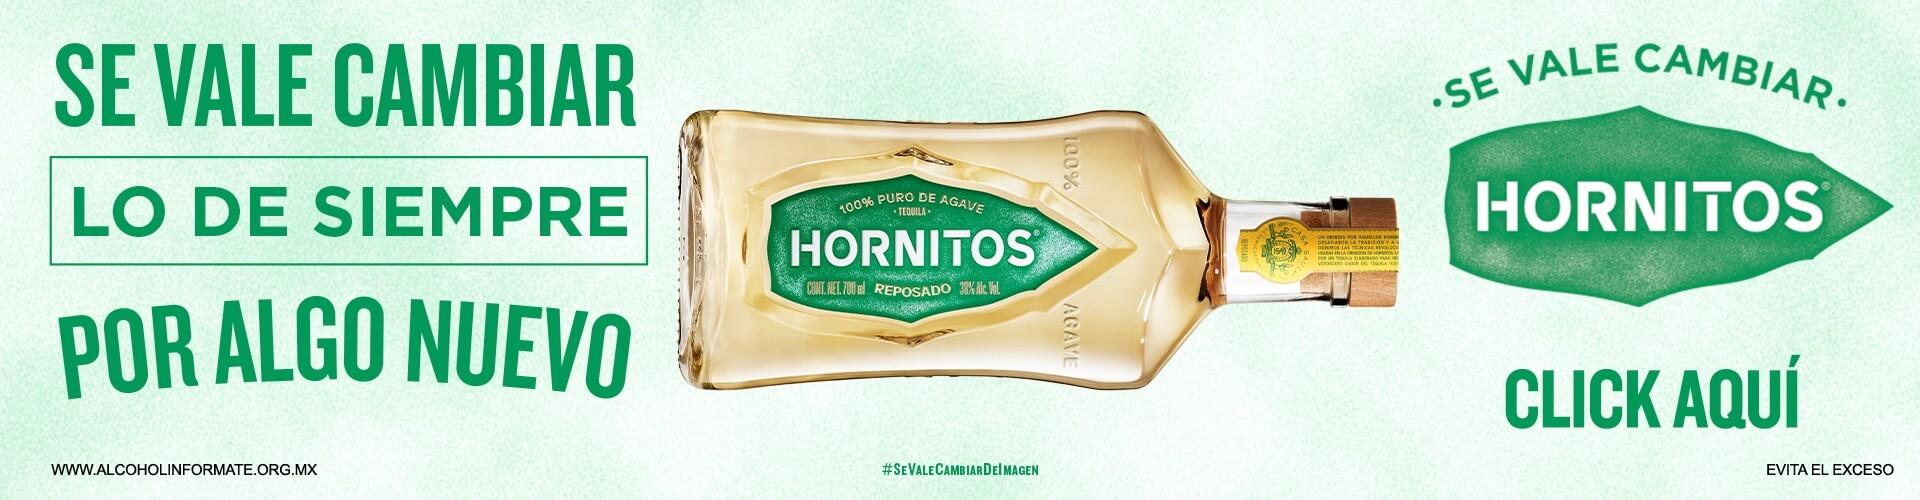 OXXO Tequila Hornitos Banner Reunión P10 2020